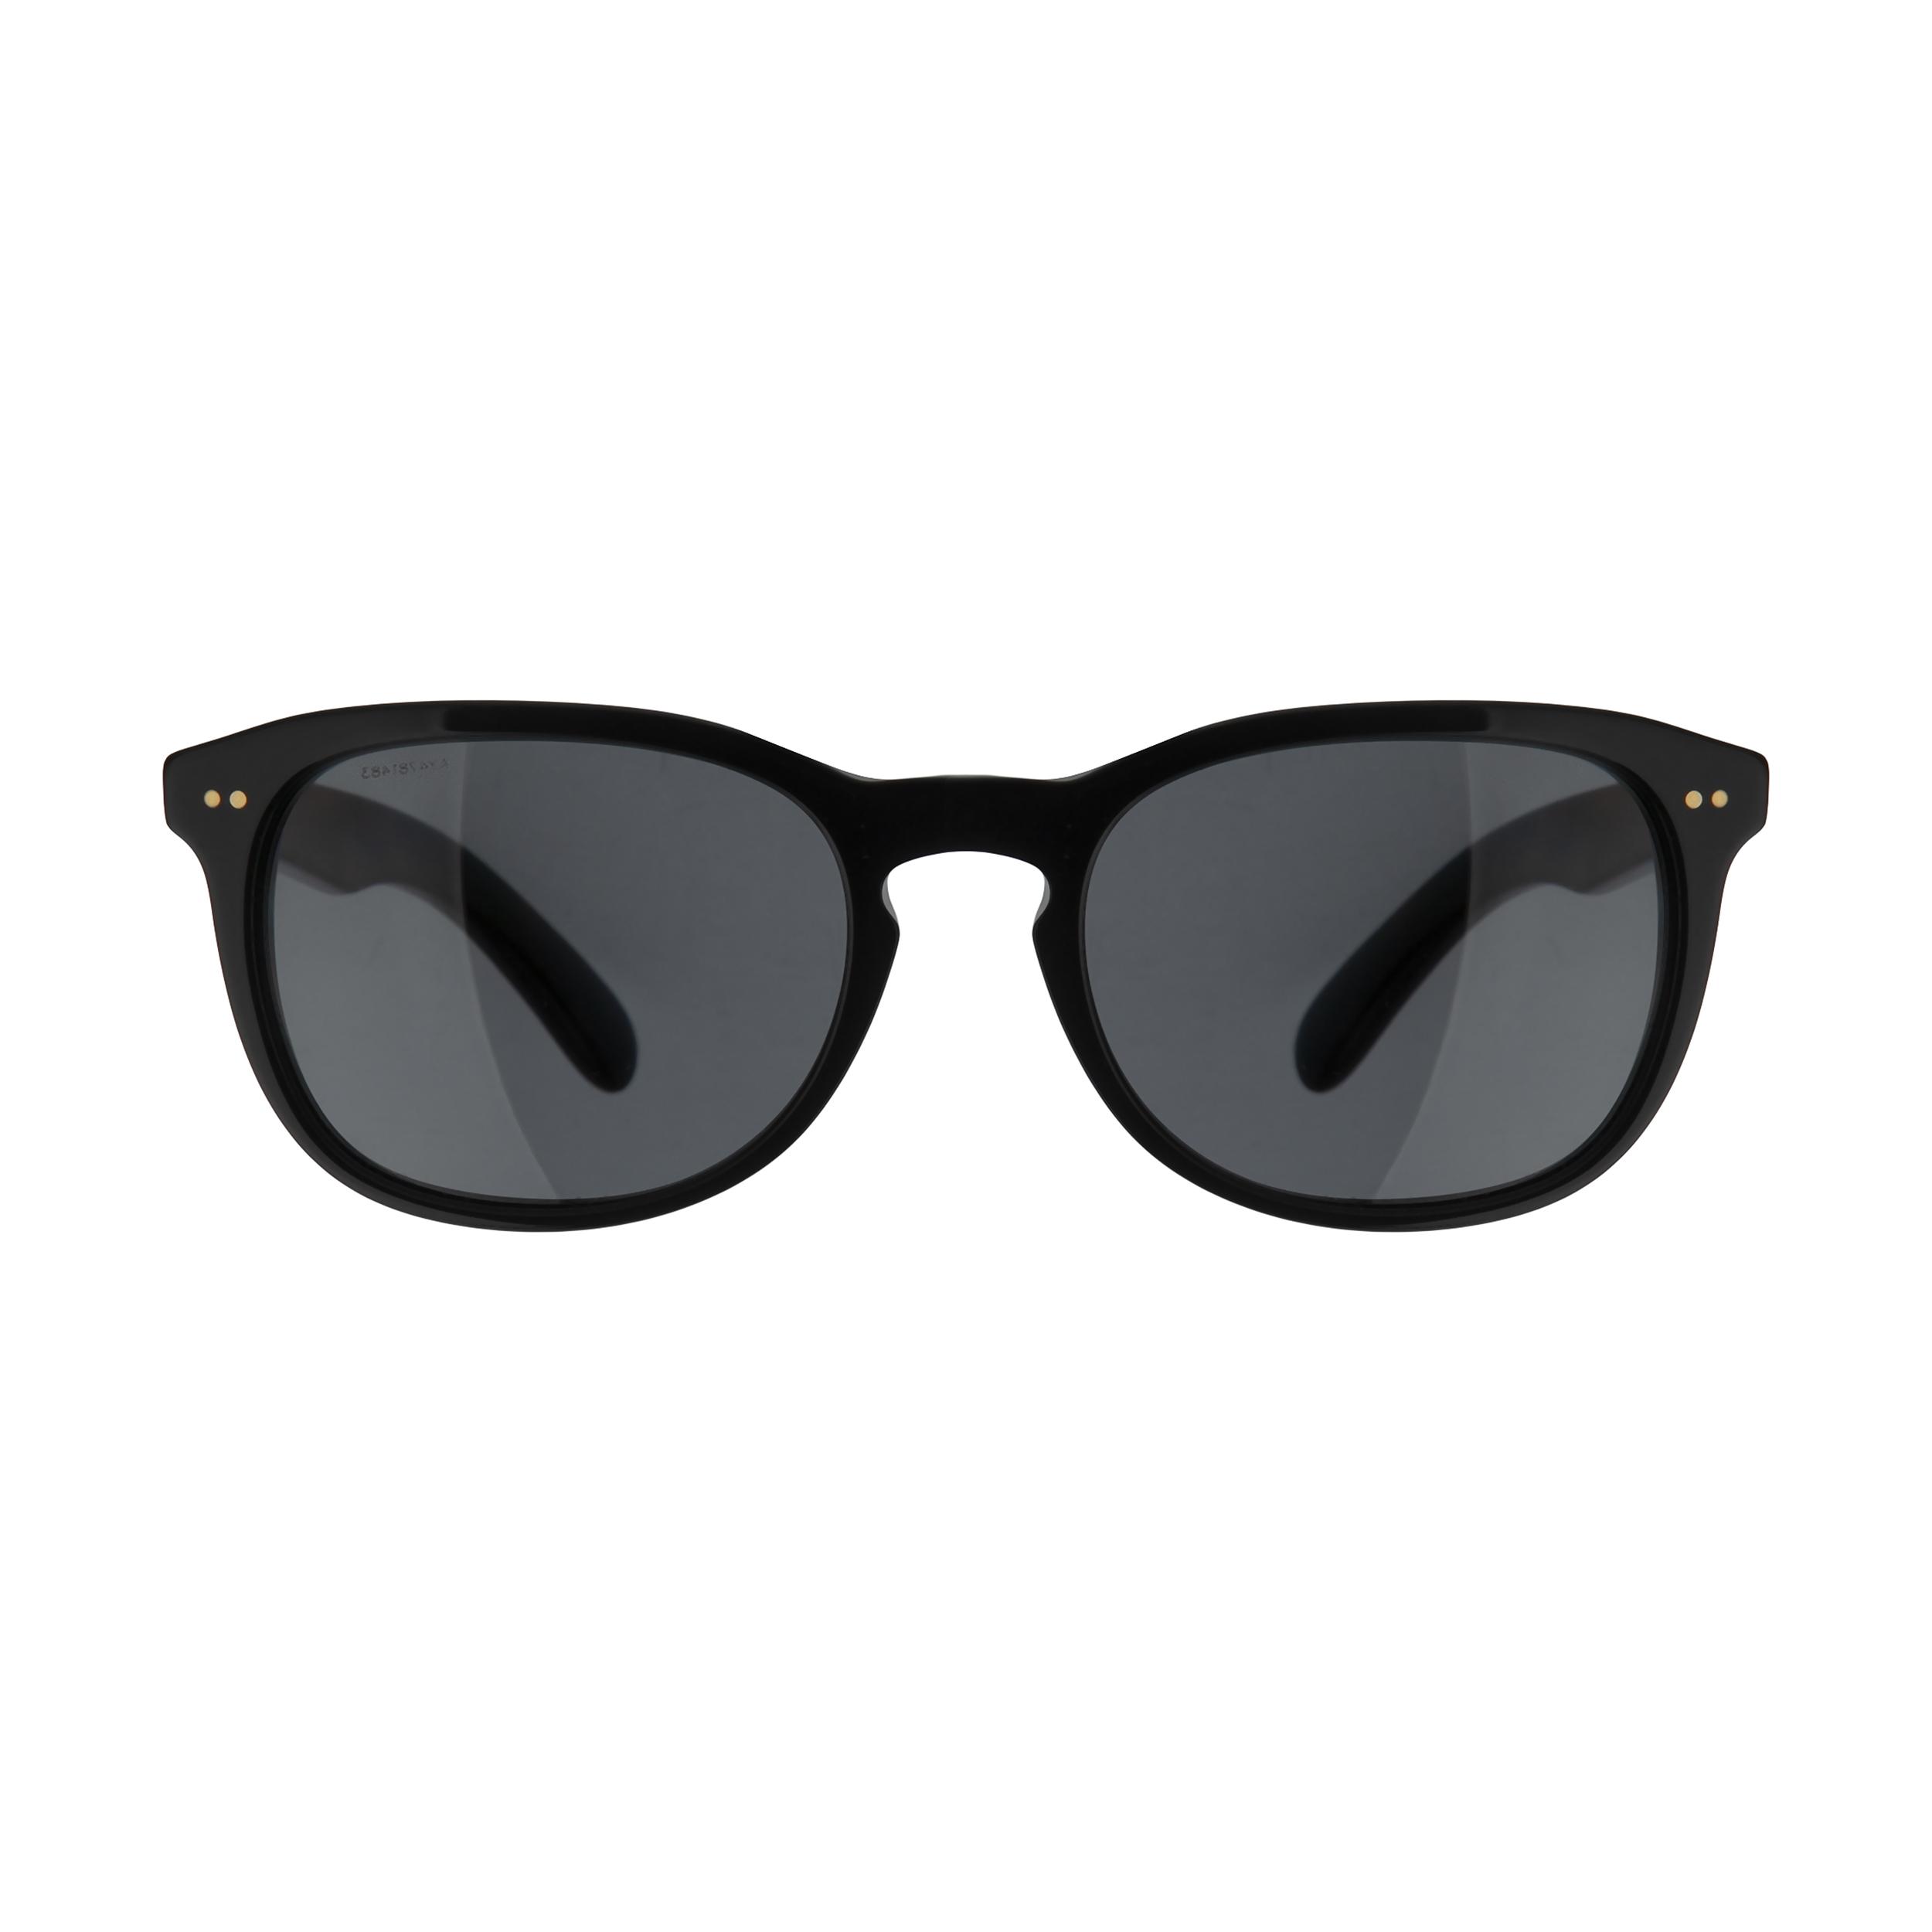 عینک آفتابی مردانه بربری مدل BE 4214S 355487 55 -  - 2